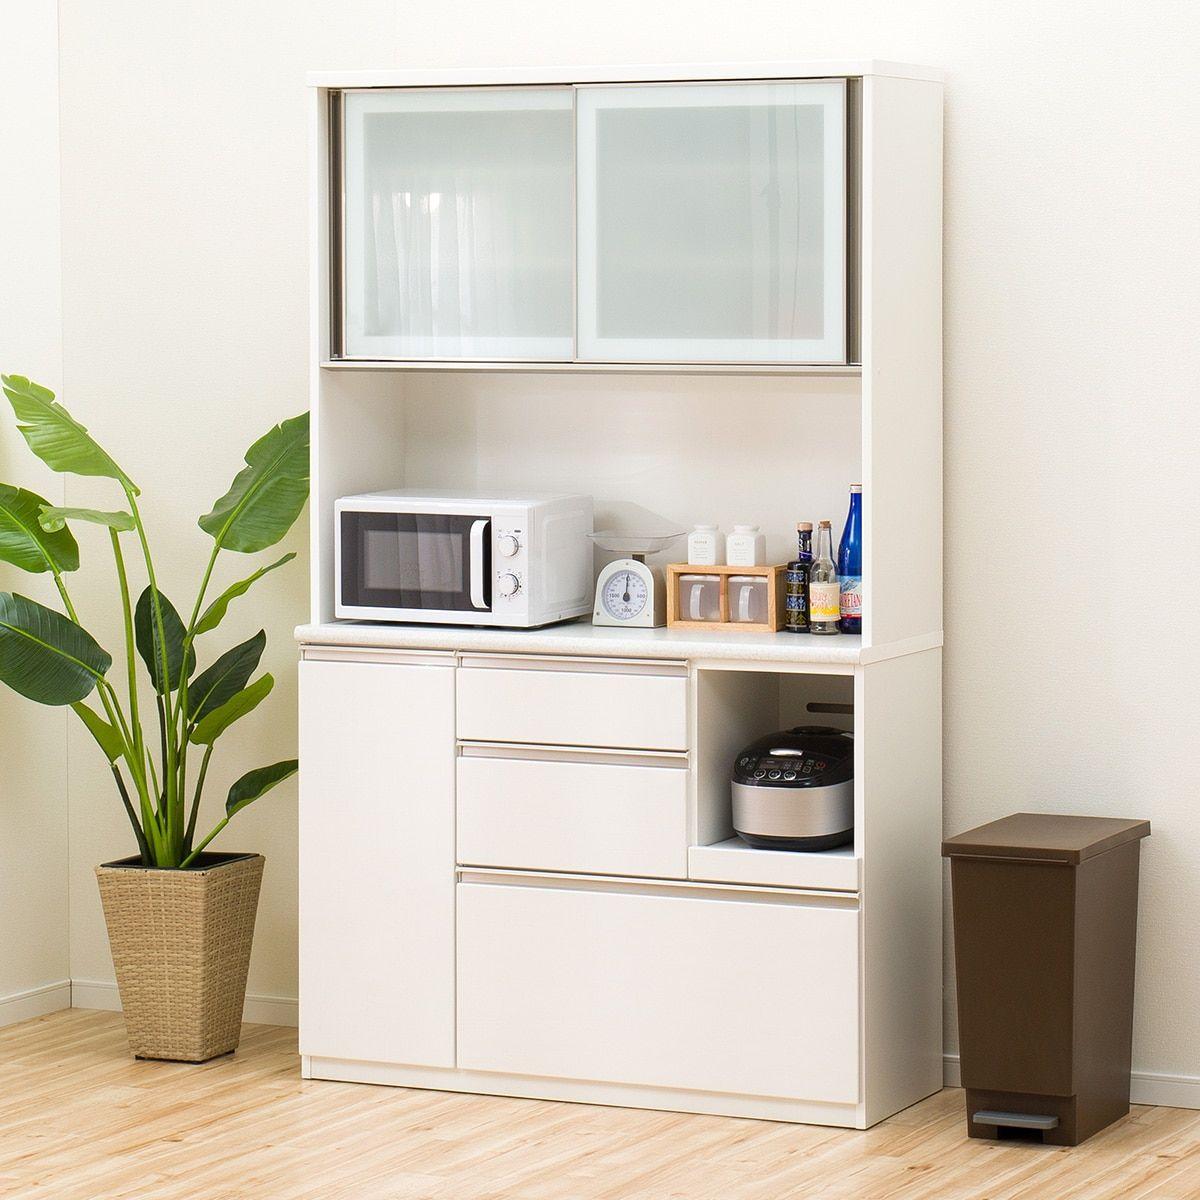 ニトリ キッチンボード アルミナ2 120kb 通販 2020 キッチン